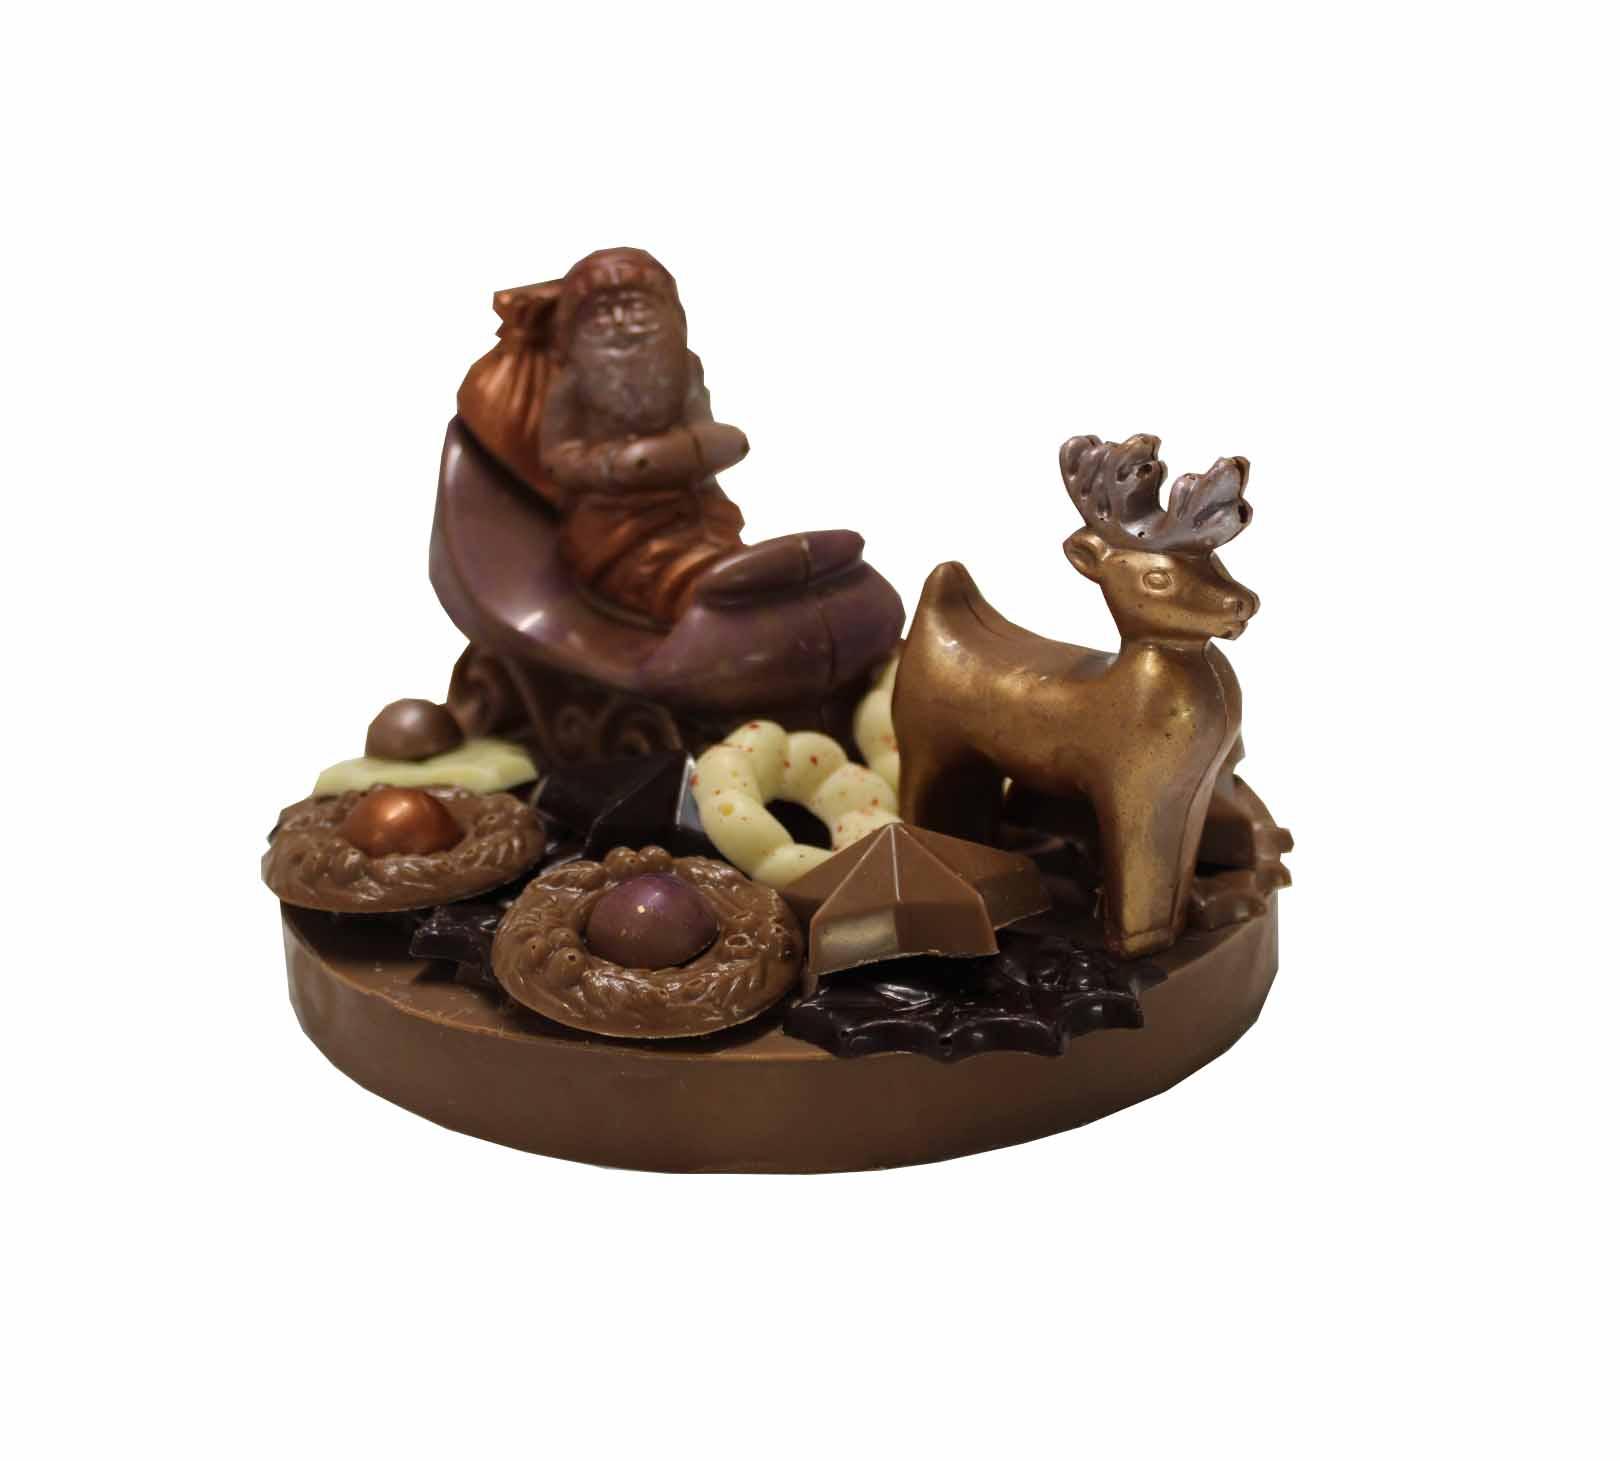 kerstman arreslee chocolade rond